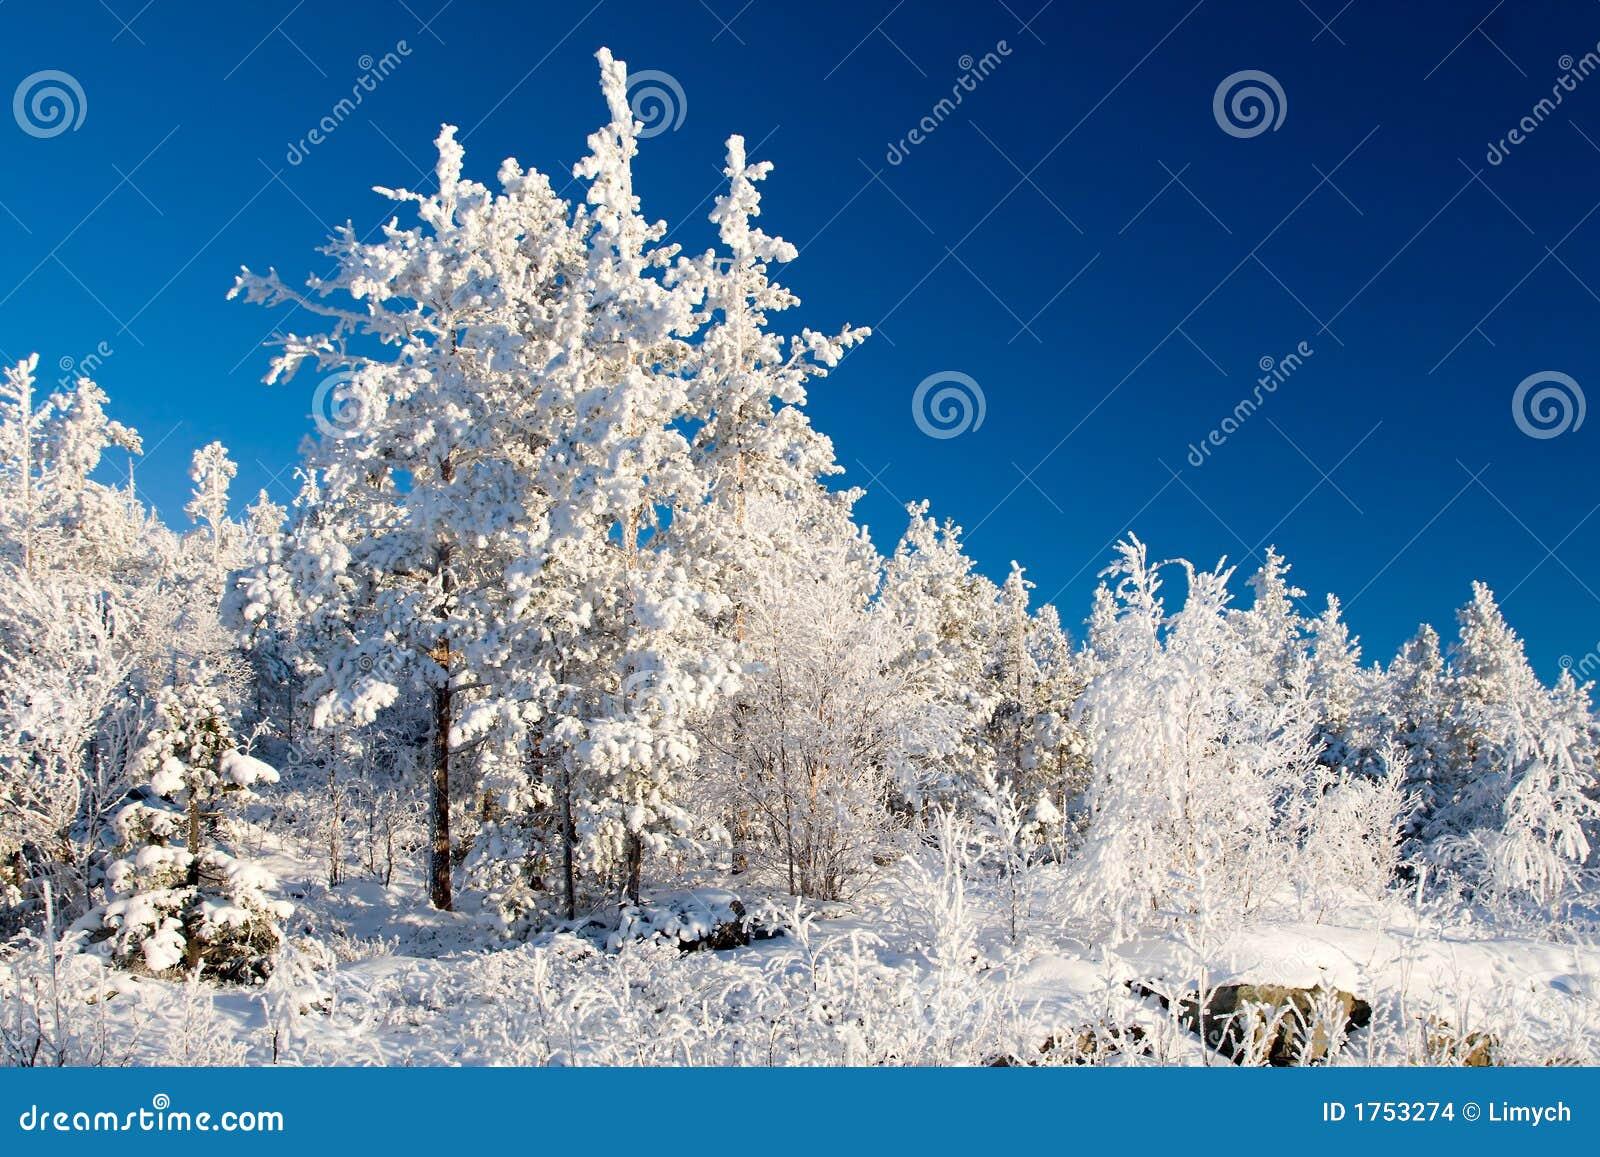 Wonderland quiet winter frozen forest